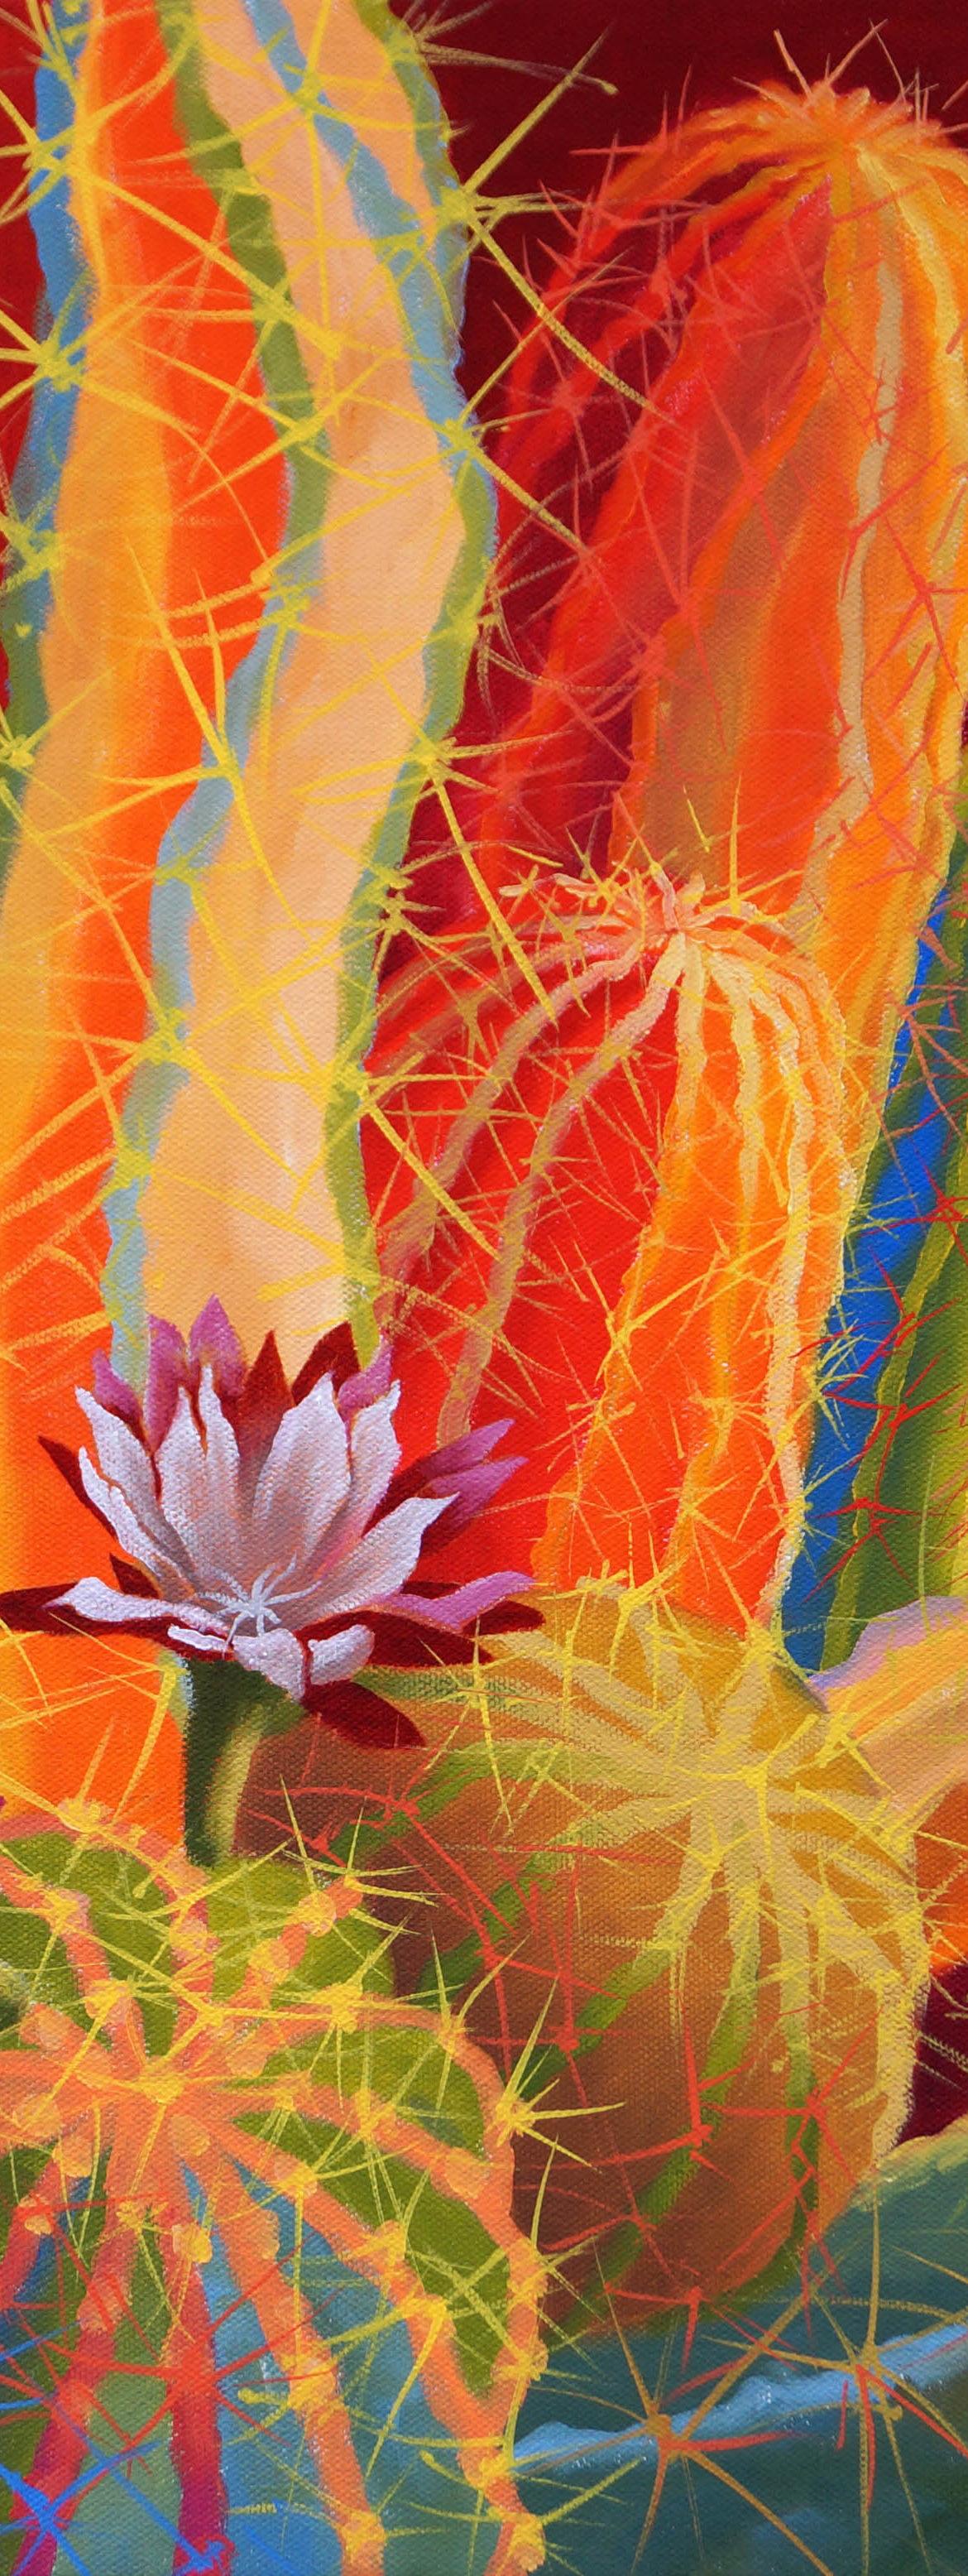 Desert Garden #26, Sharon Weiser, Rogoway Gallery